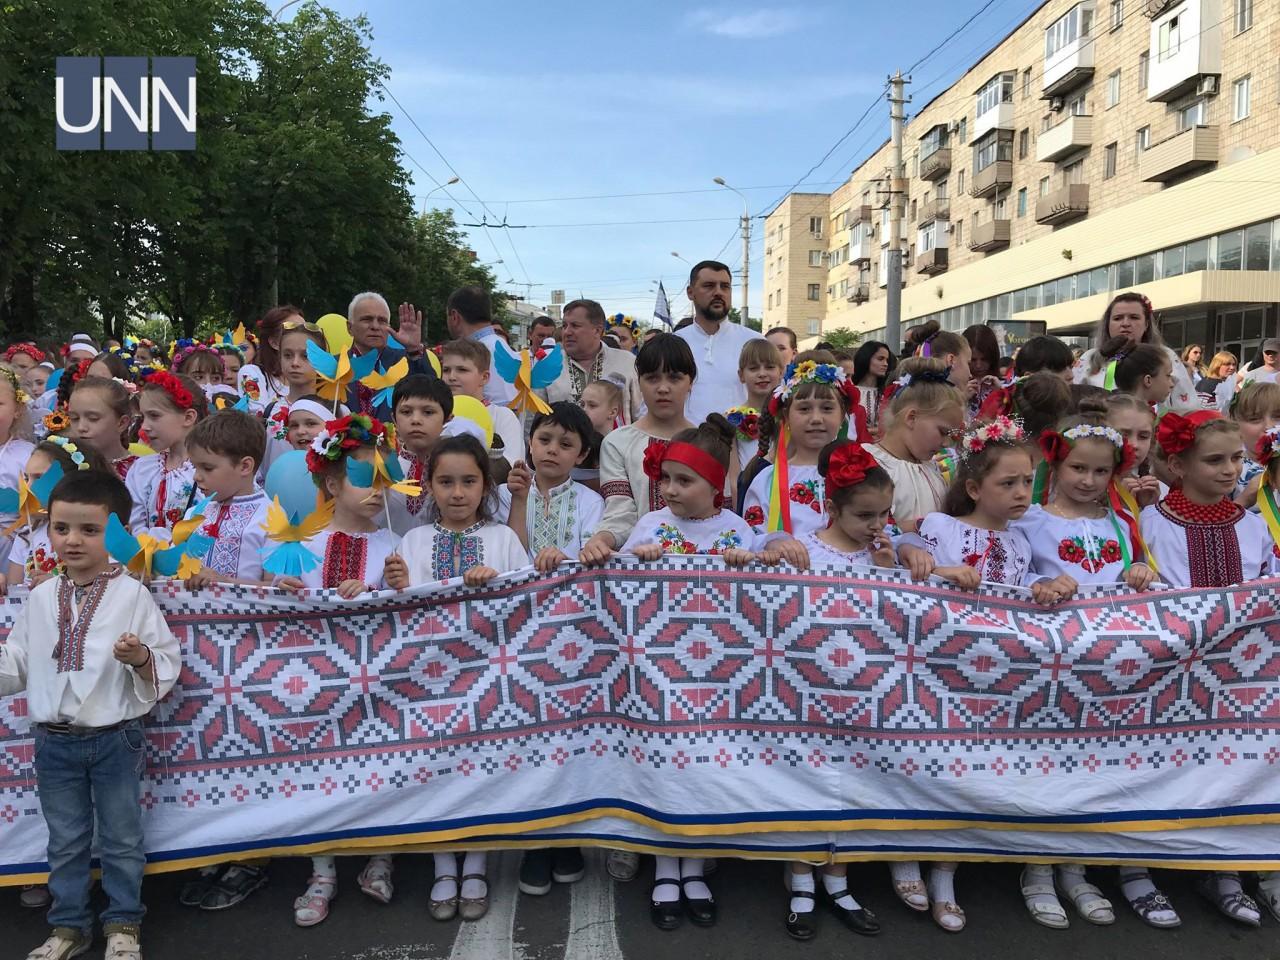 ... Тисячі людей одягнули вишиванки у прифронтовому Маріуполі - фото 14 ... af0fe3037f4d1